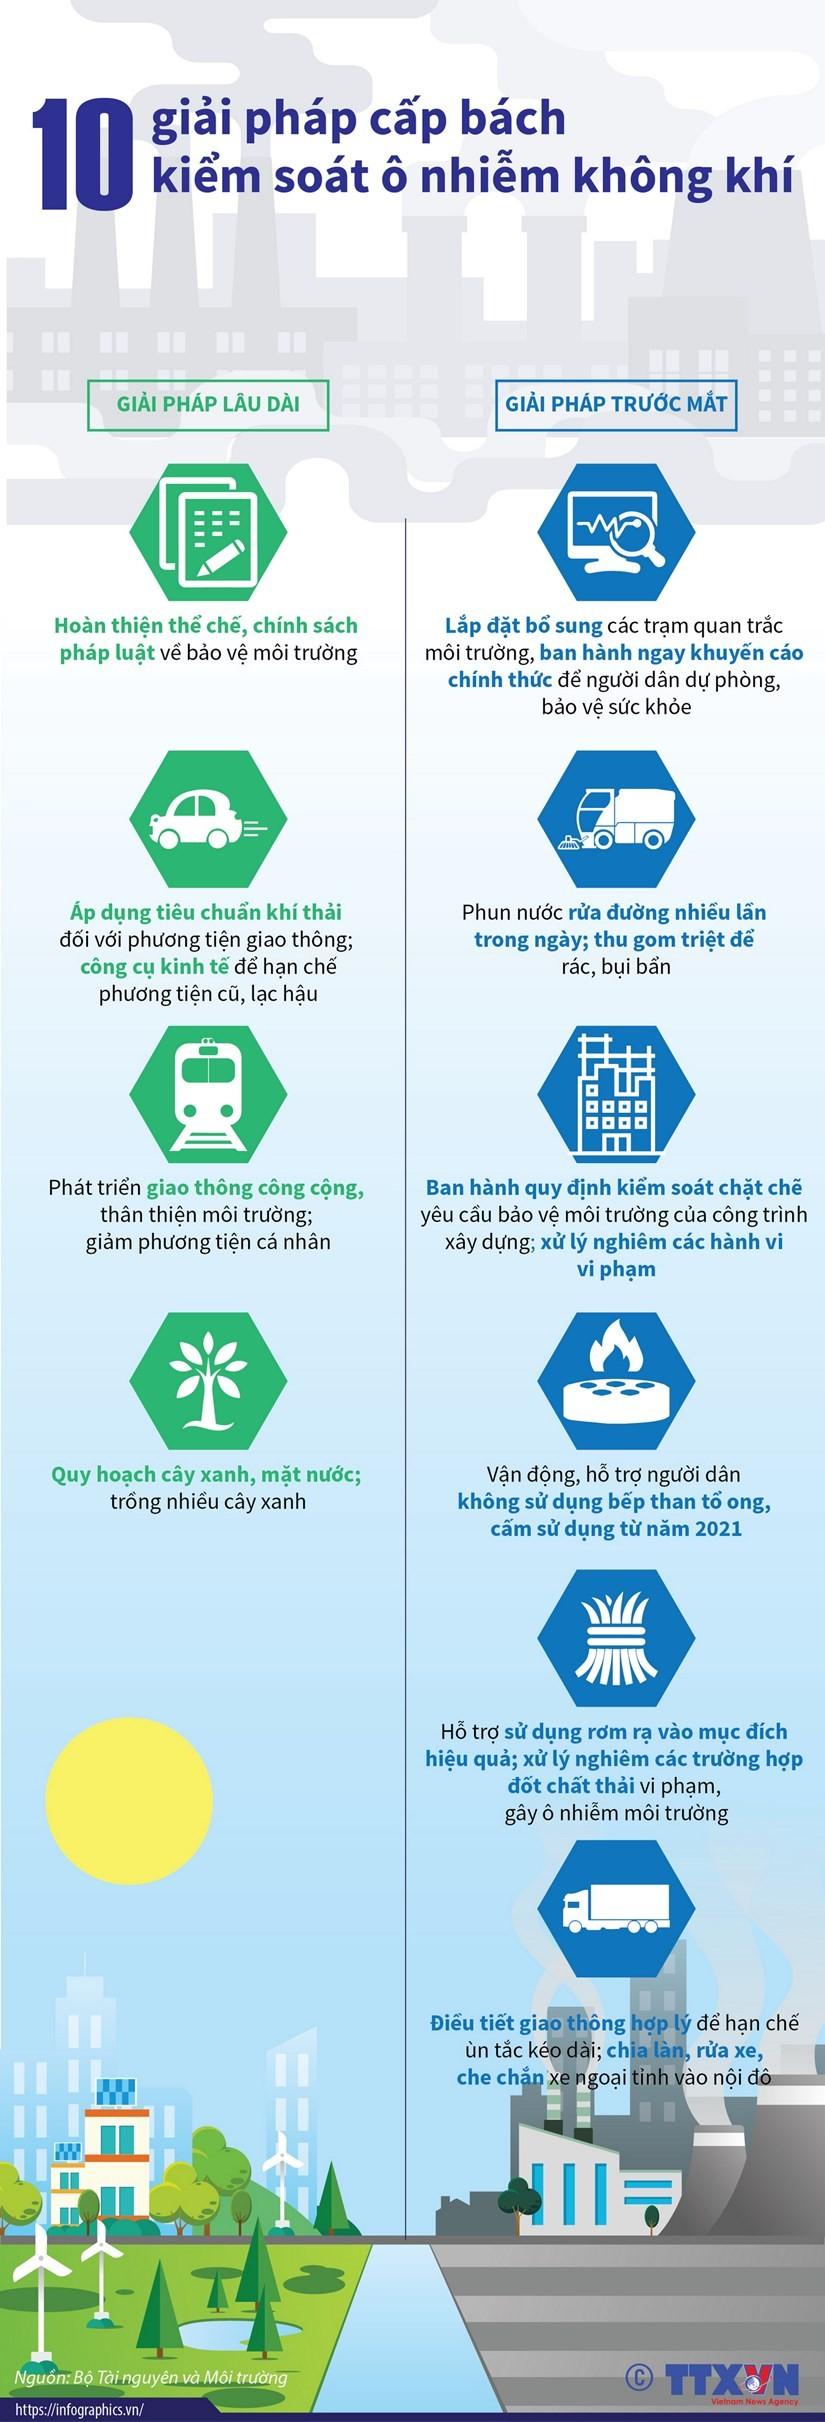 10 giải pháp cấp bách kiểm soát ô nhiễm không khí ảnh 1